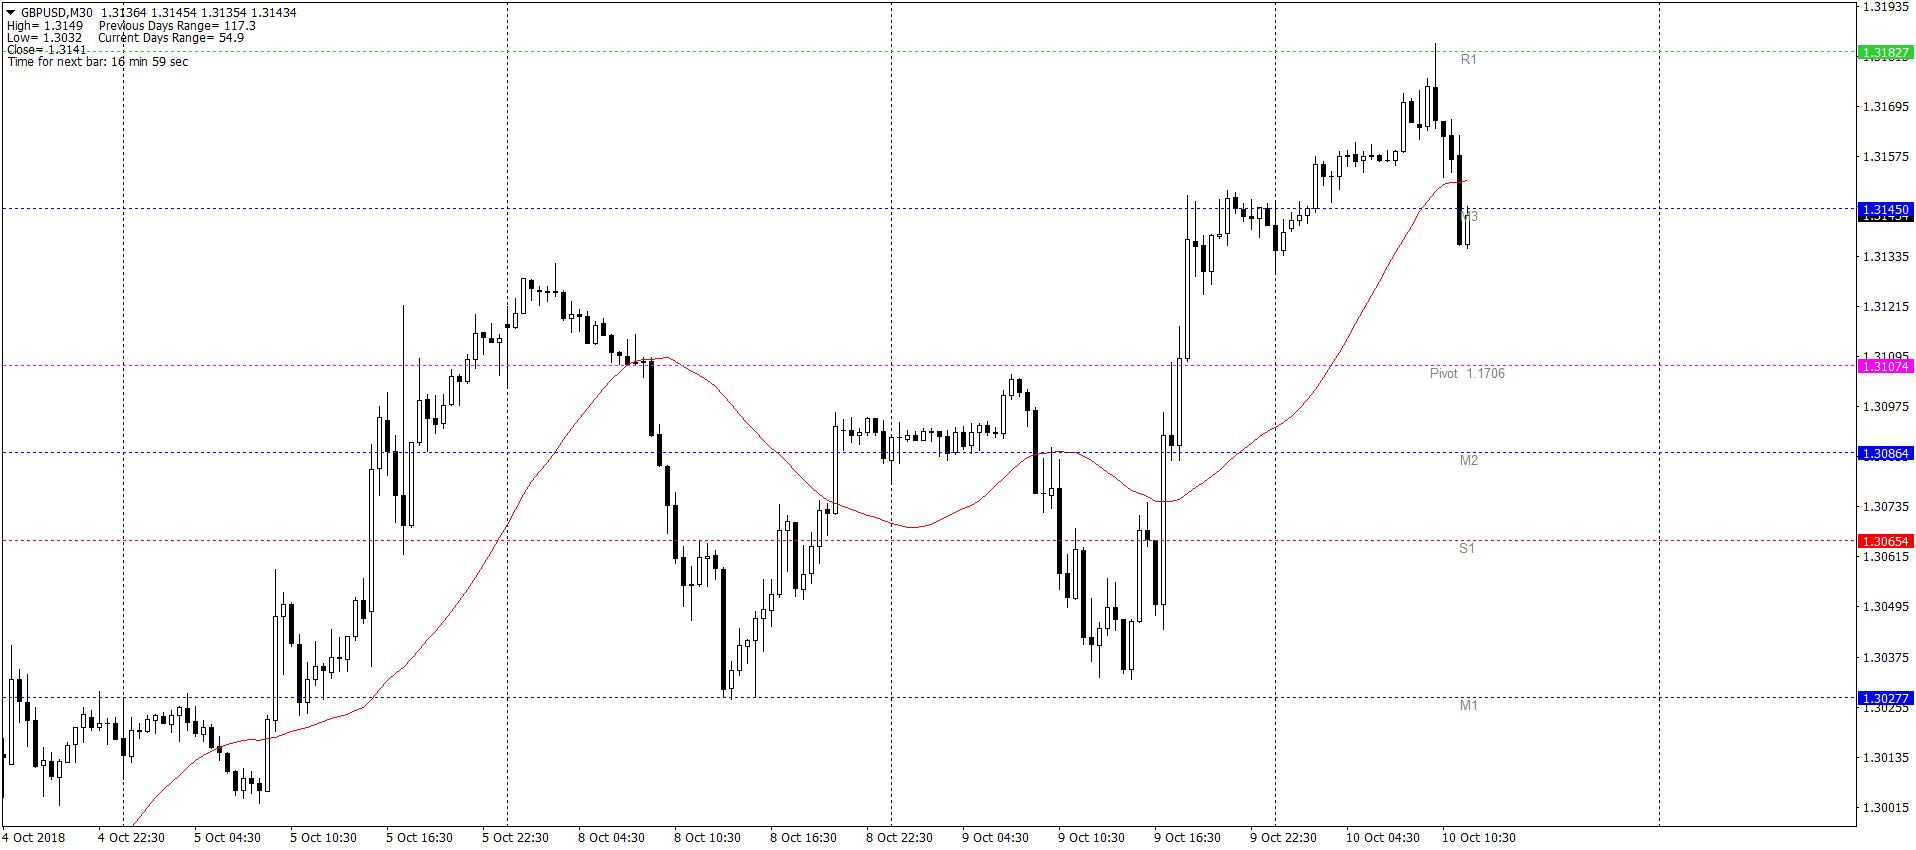 GBPUSDM30 10.10